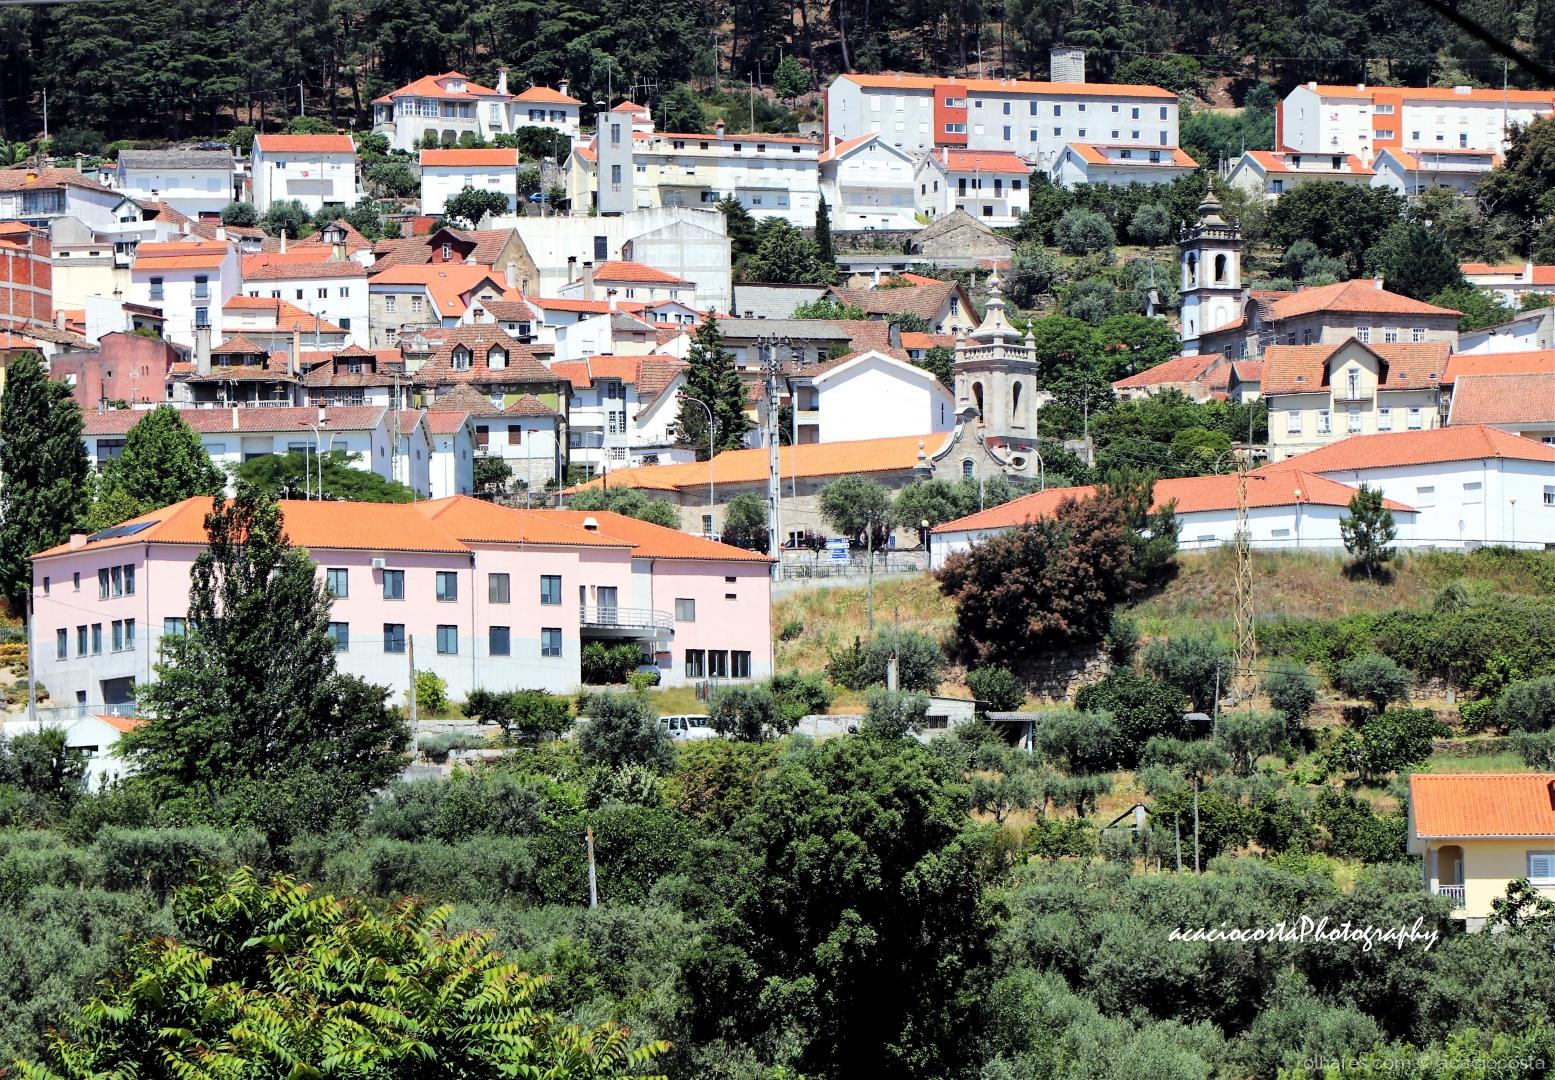 Paisagem Urbana/Vila de Fornos de Algodres